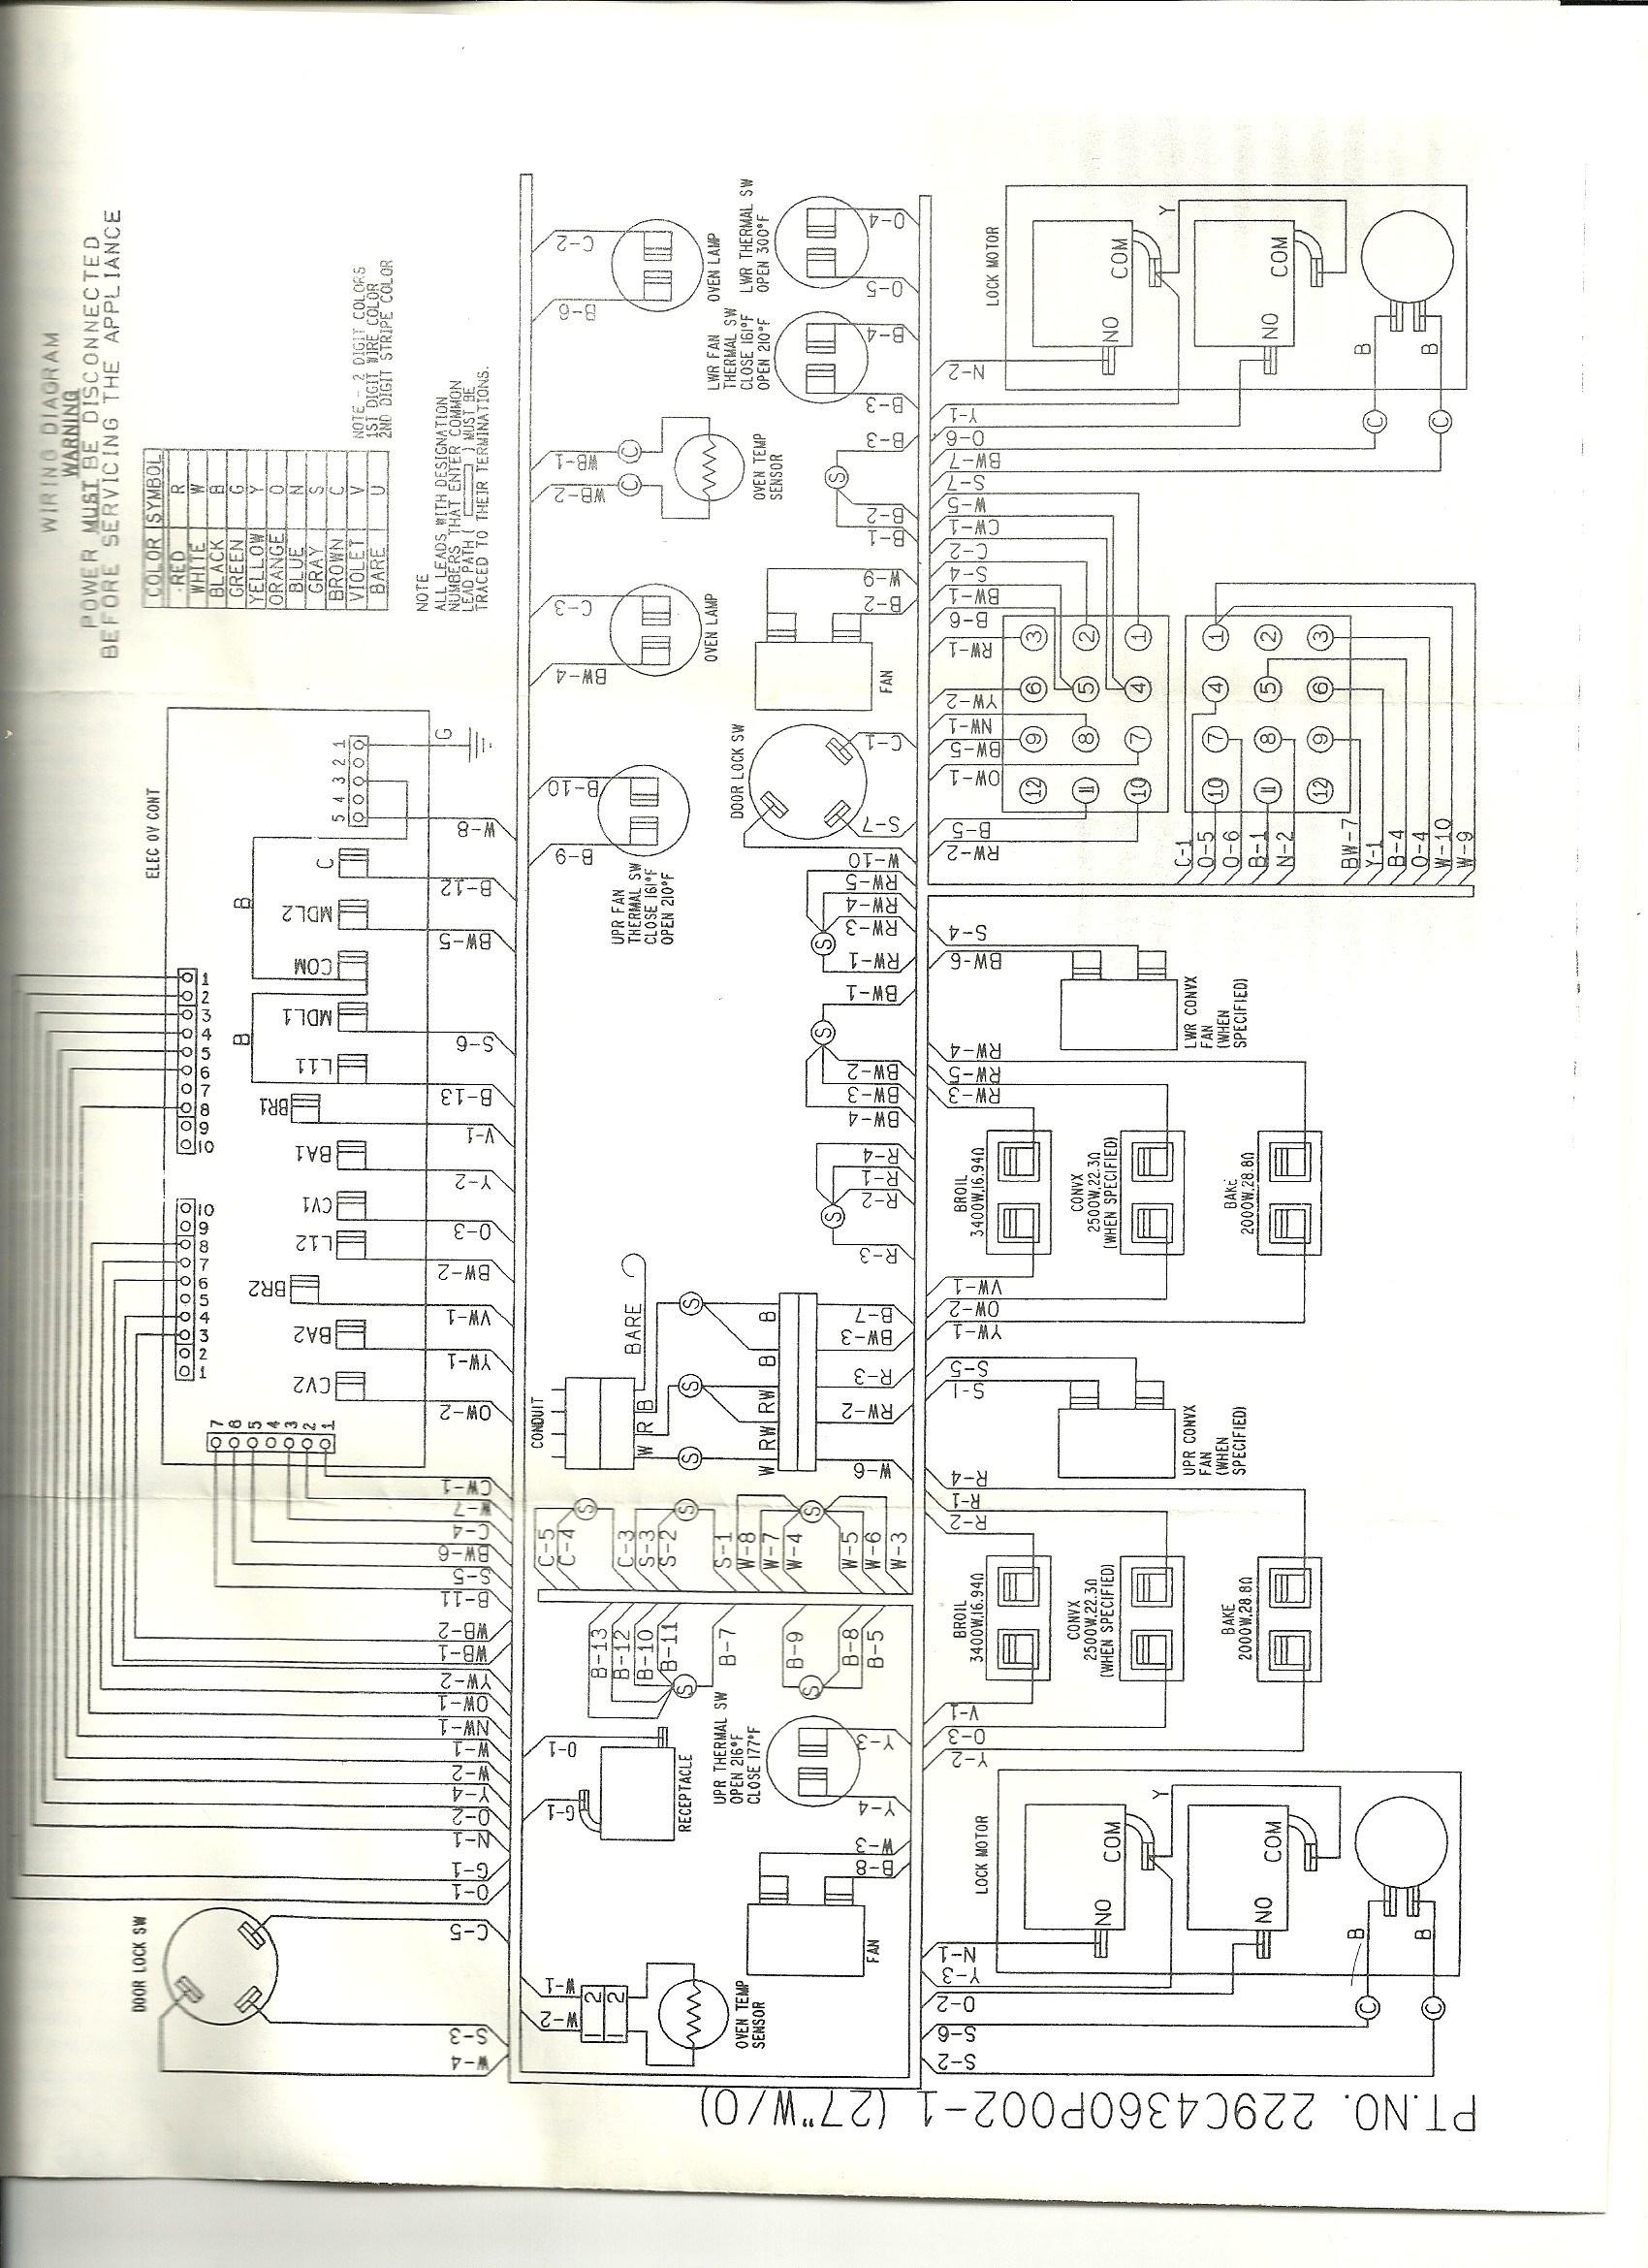 ZY_1255] Ge Cooktop Wiring Diagram Schematic Wiring | Ge Cooktop Wiring Diagram 240v |  | Weveq Numap Mohammedshrine Librar Wiring 101